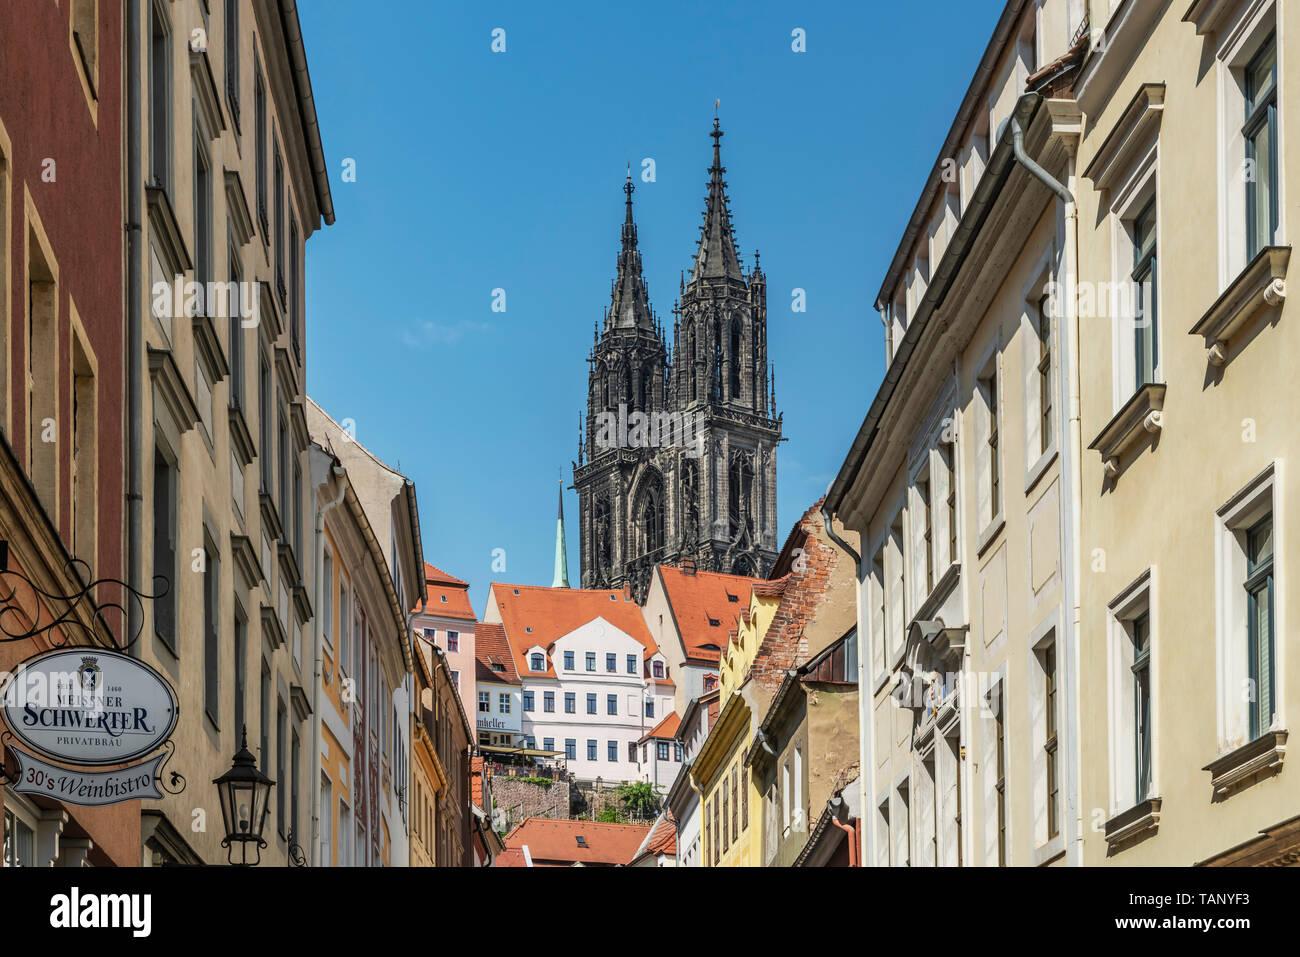 Blick durch die Burgstraße (Straße Schloss) zum Dom zu Meißen, Sachsen, Deutschland, Europa Stockbild